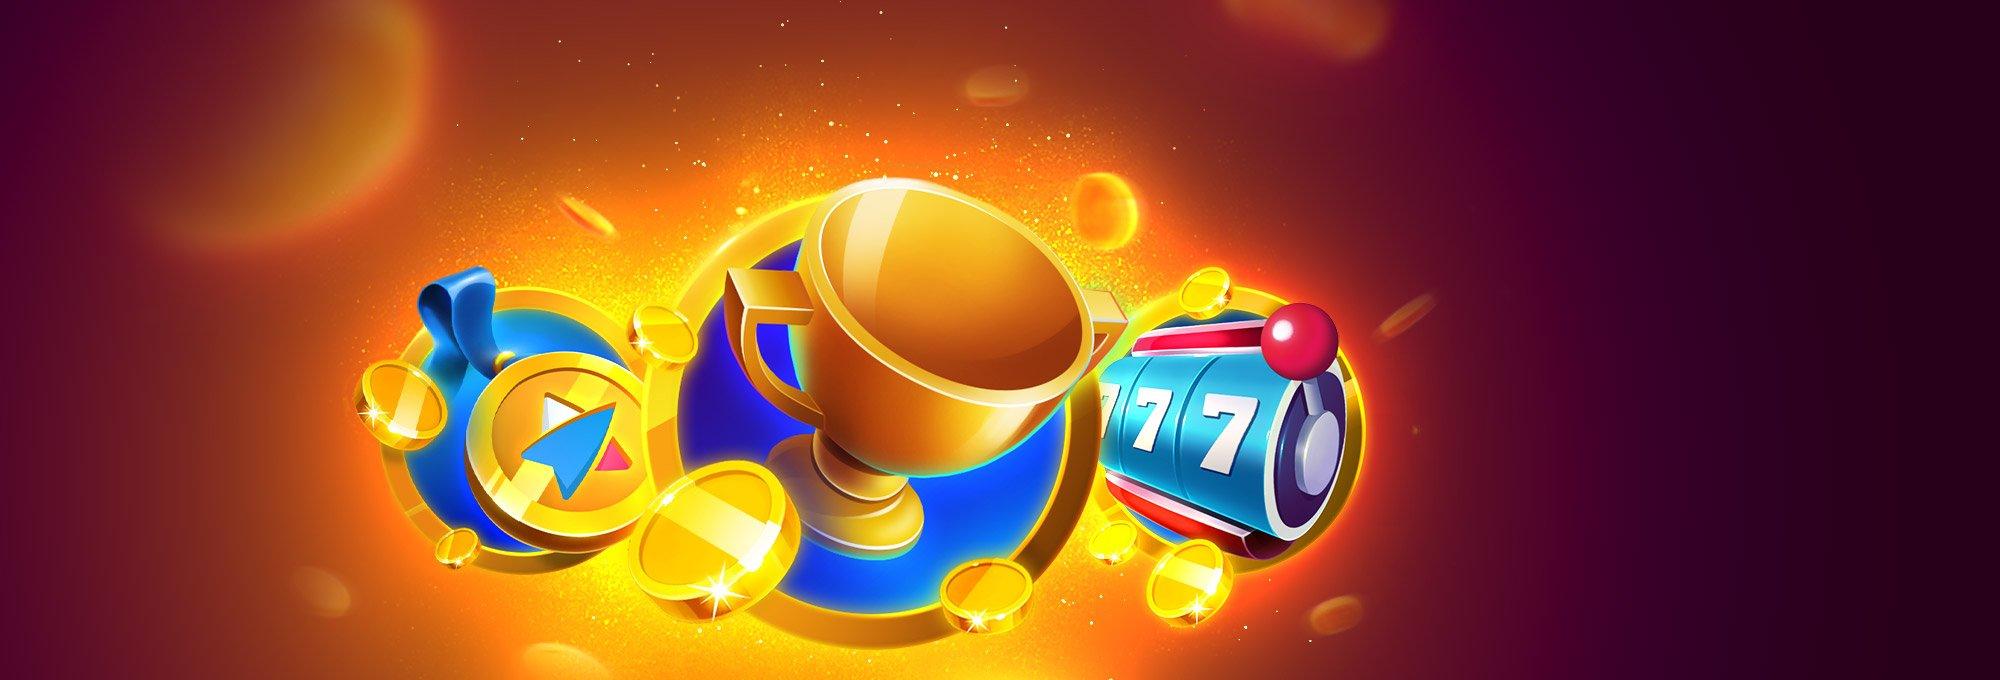 В онлайн-казино «Чемпион» стартовали «Чемпионские игры» — первое сражение между игроками и стримерами.